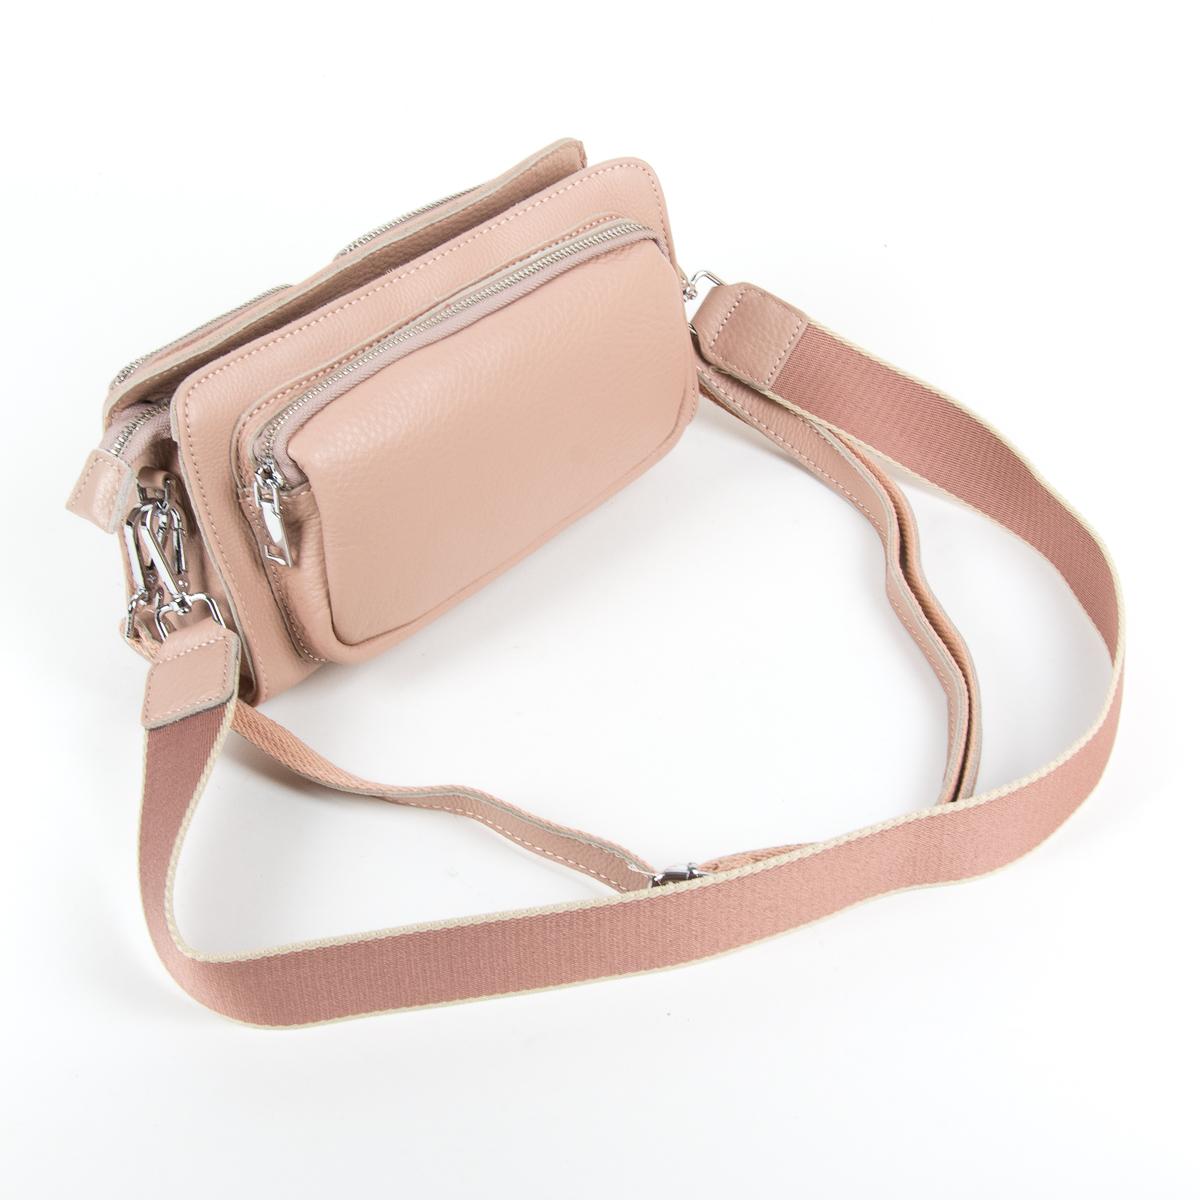 Сумка Женская Клатч кожа ALEX RAI 9-01 8785-9 pink - фото 4